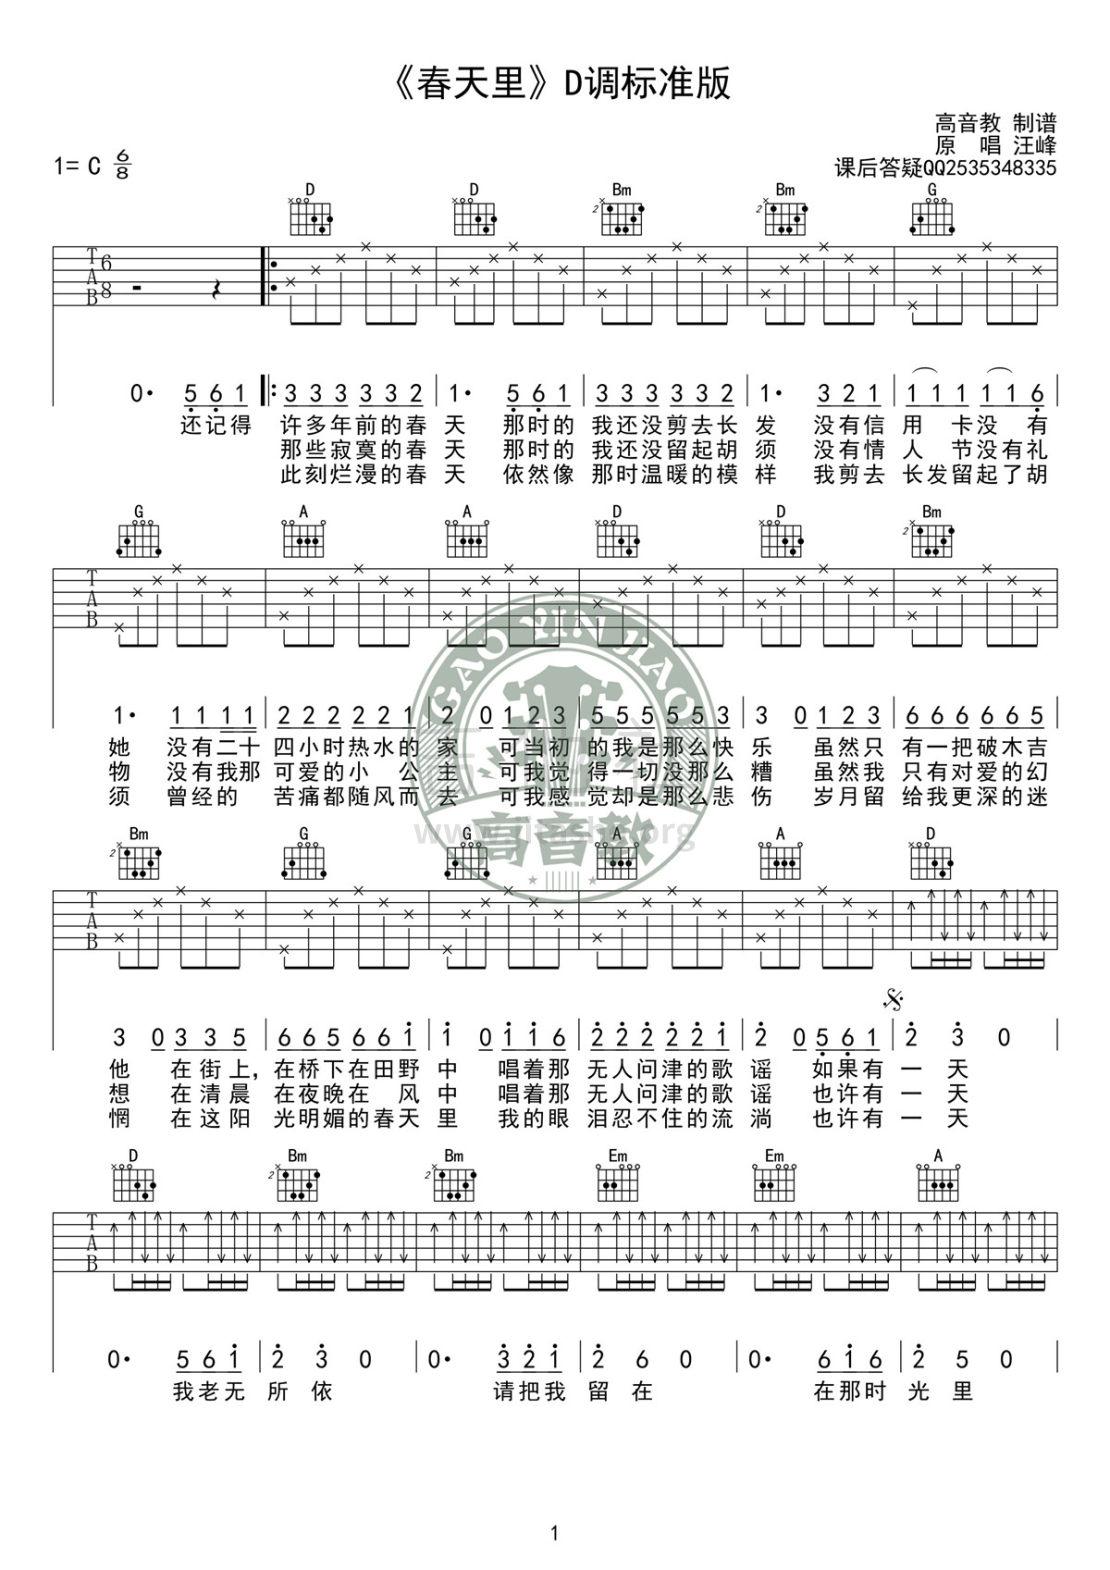 春天里(高音教编配)吉他谱(图片谱,弹唱,D调,标准版)_汪峰_吉他谱《春天里》D调标准版01.jpg